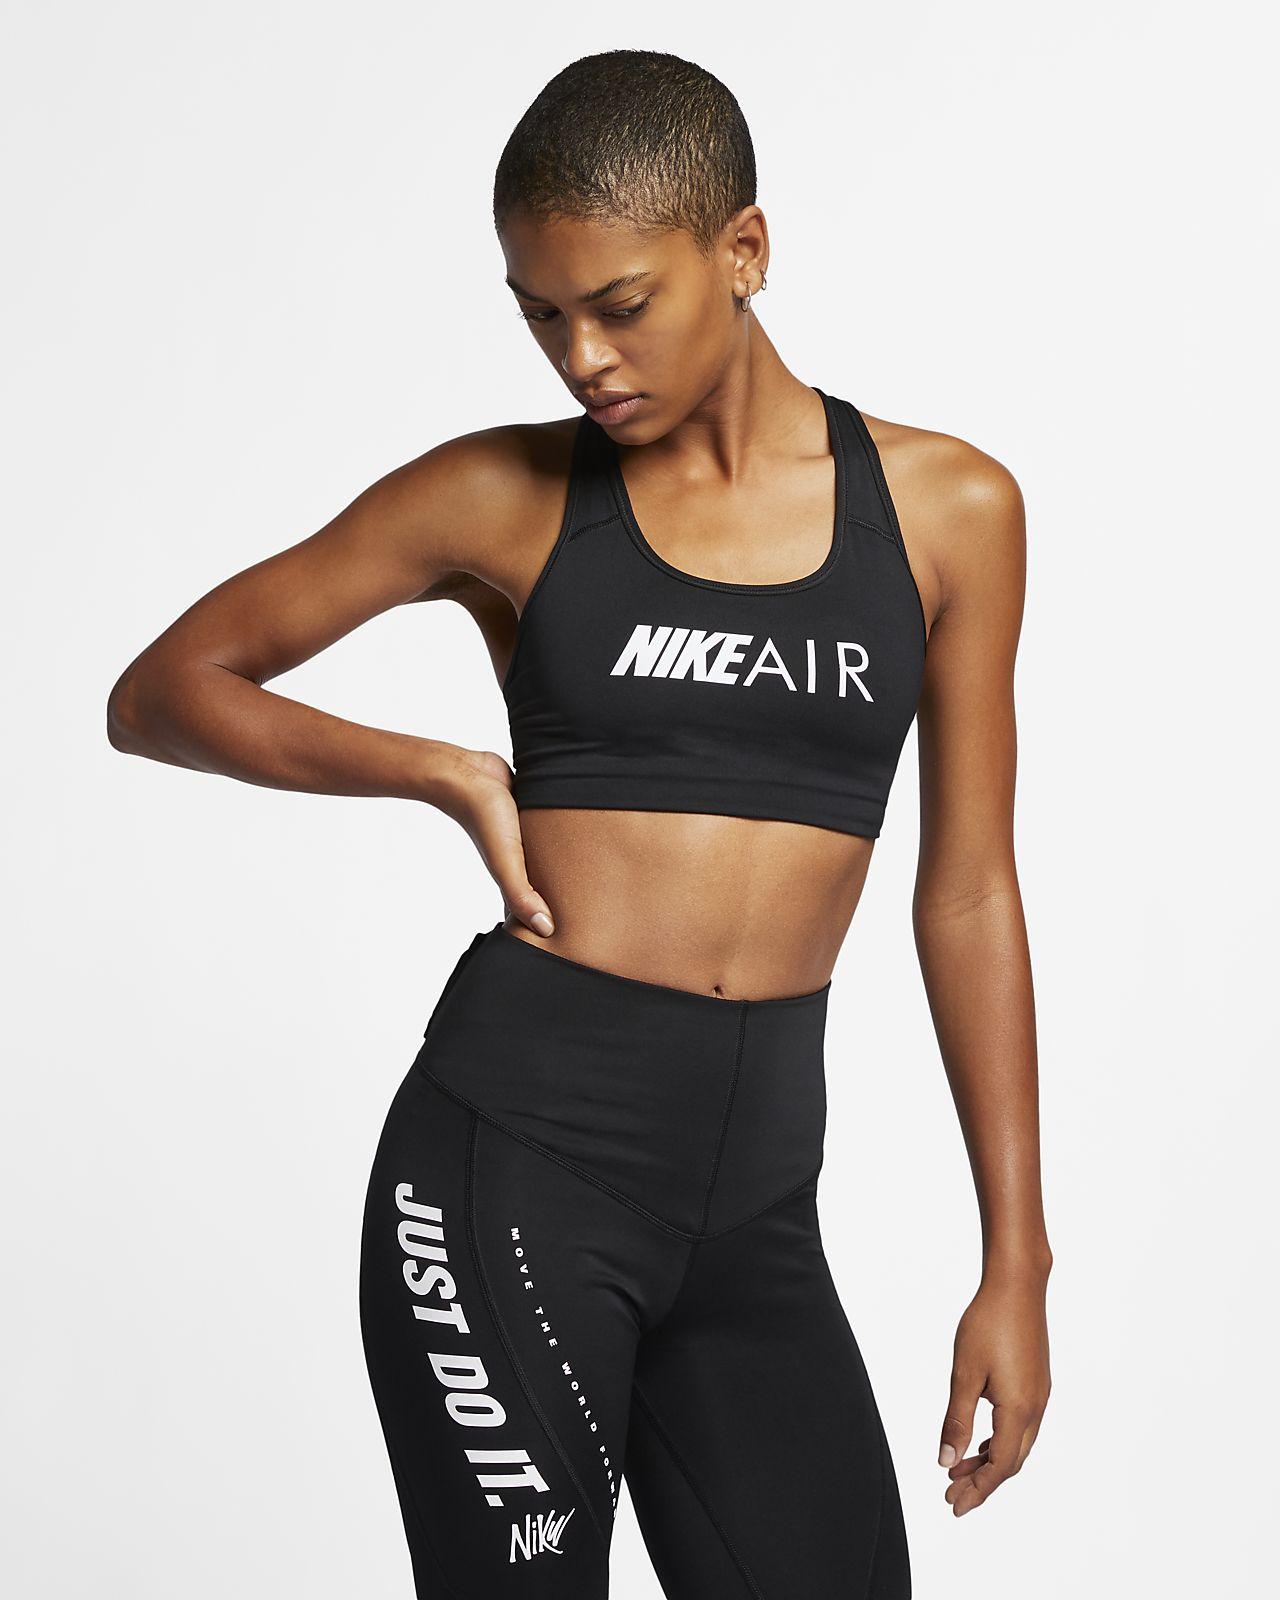 Dámská sportovní podprsenka Nike Swoosh se střední oporou a nápisem